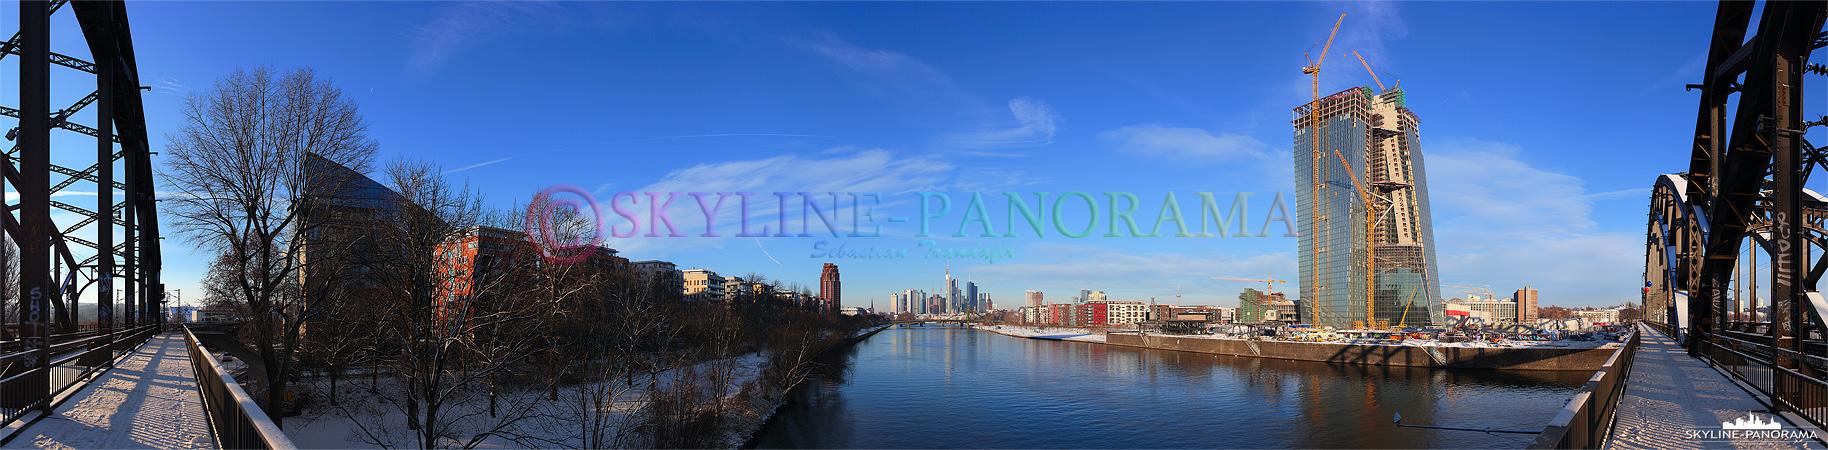 verschneite Skyline